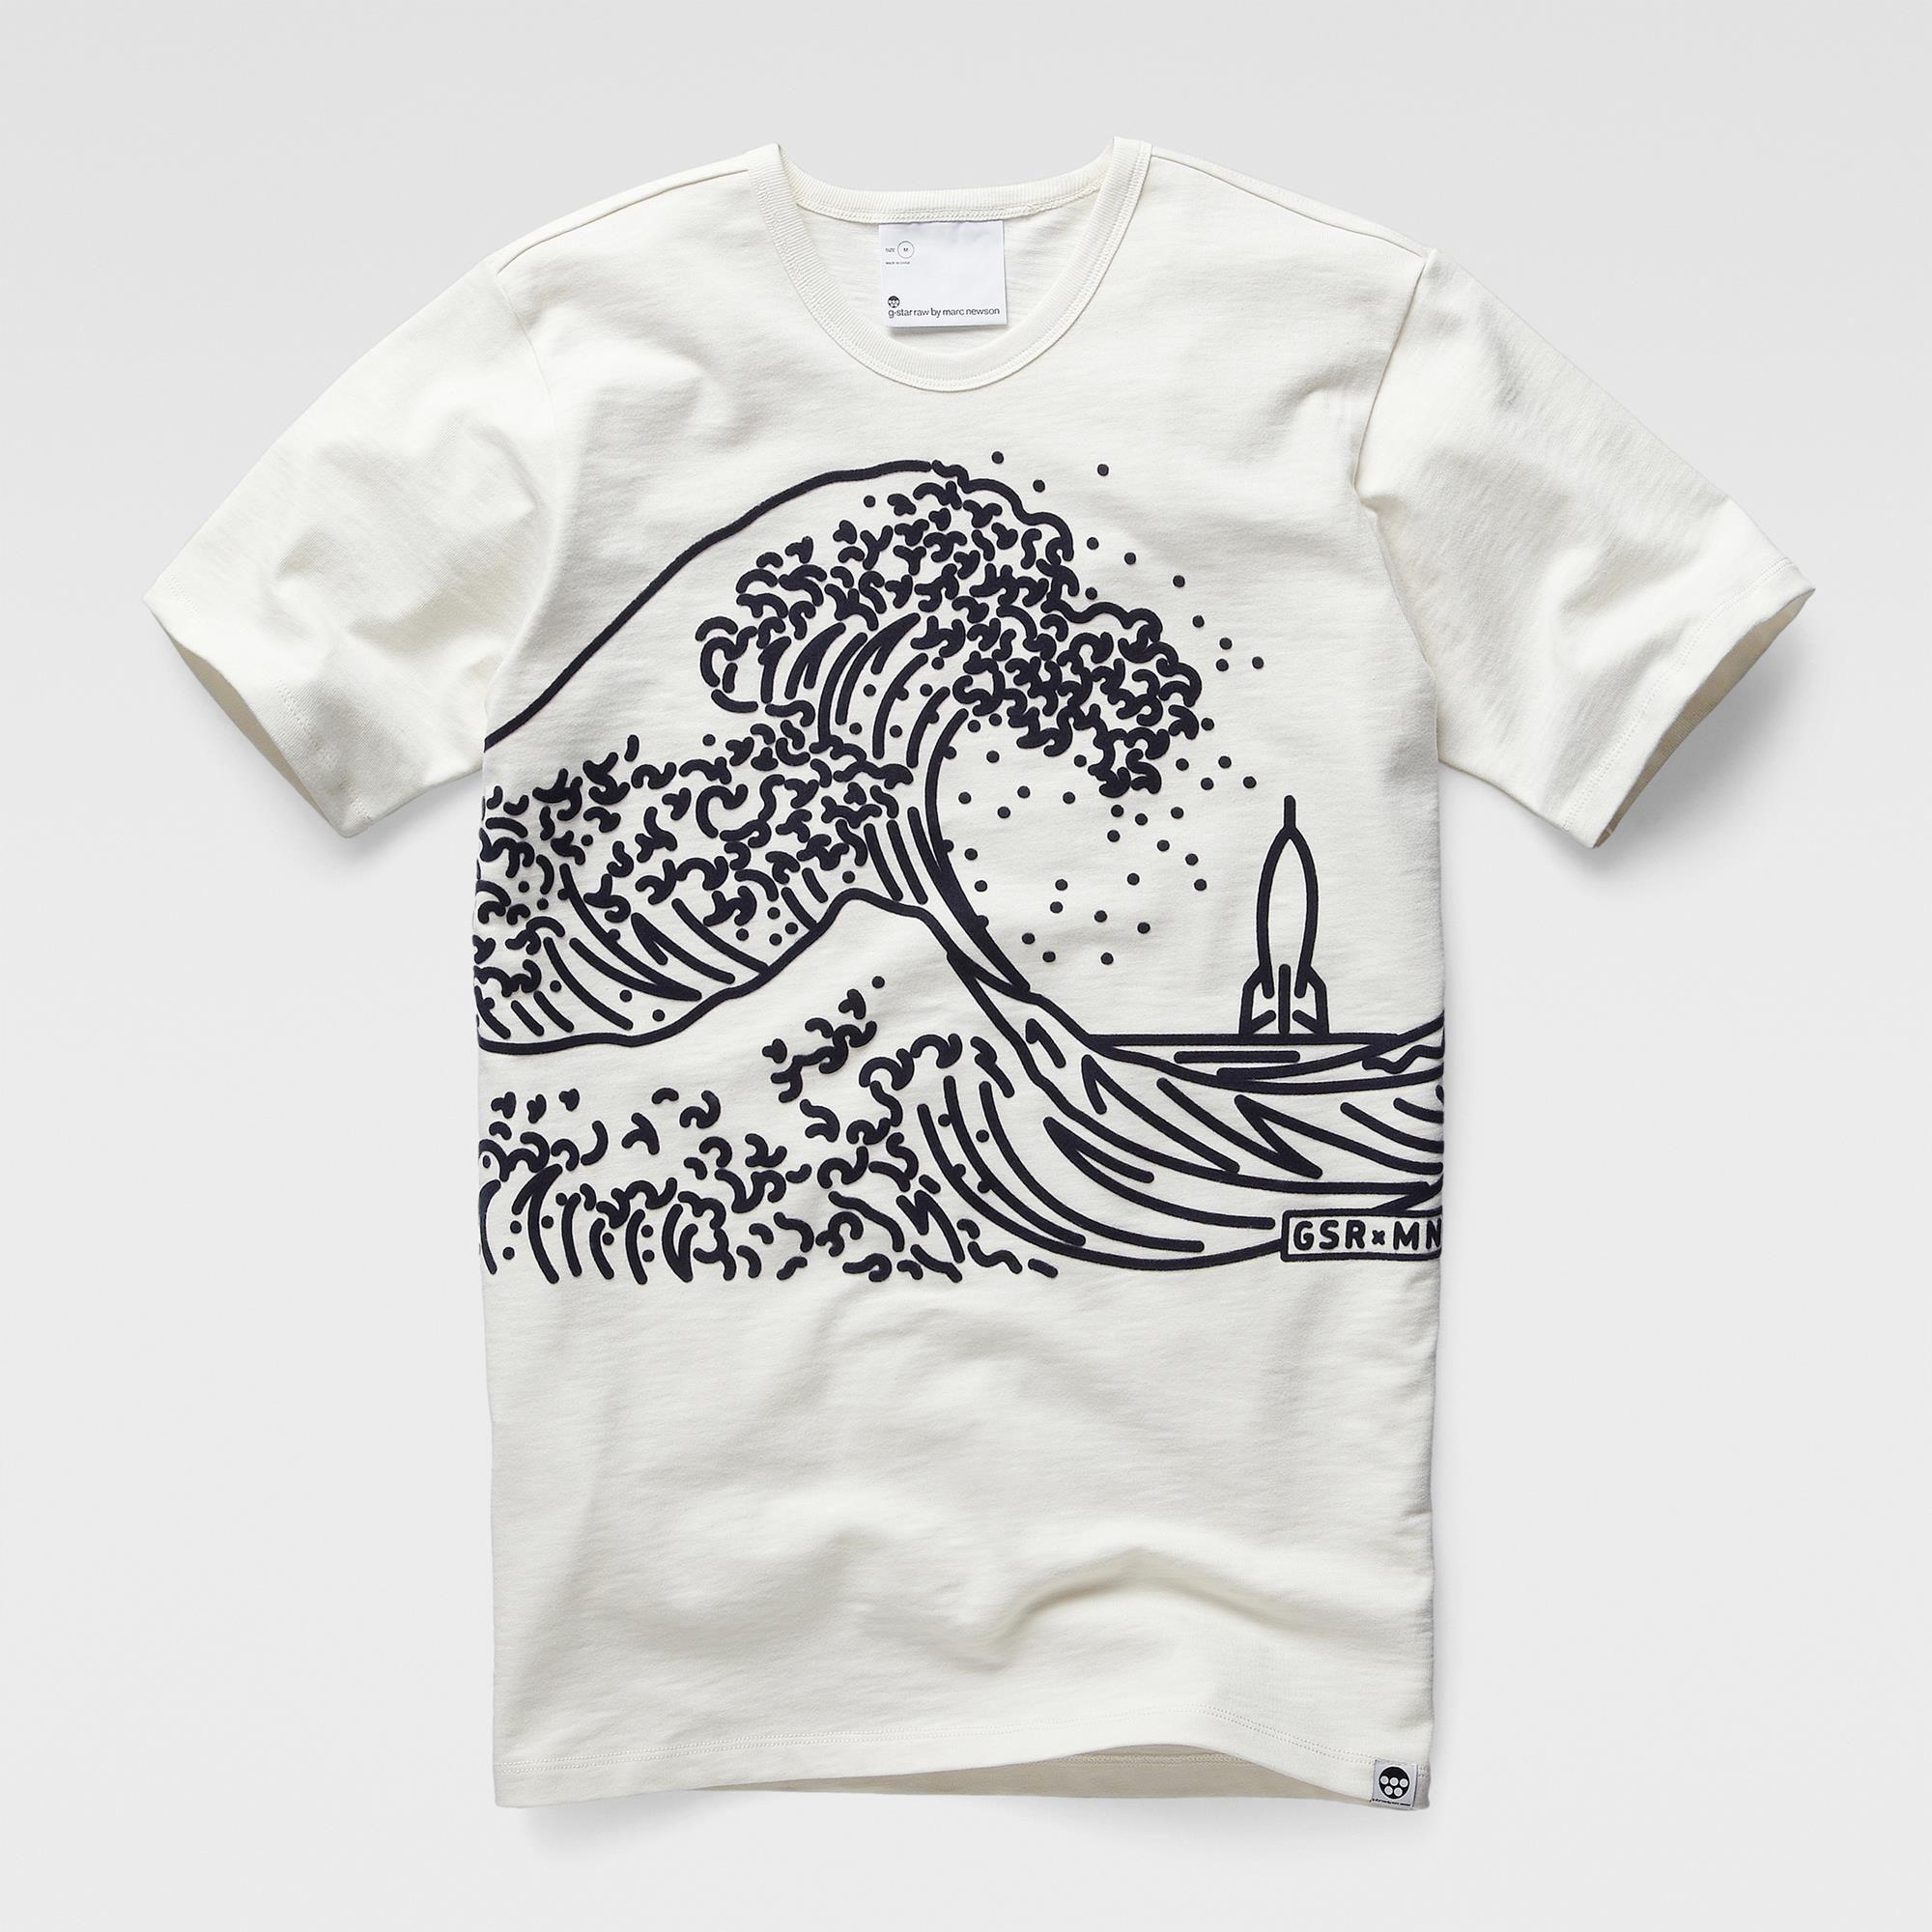 Black light t shirt ideas - Marc Newson Wave T Shirt